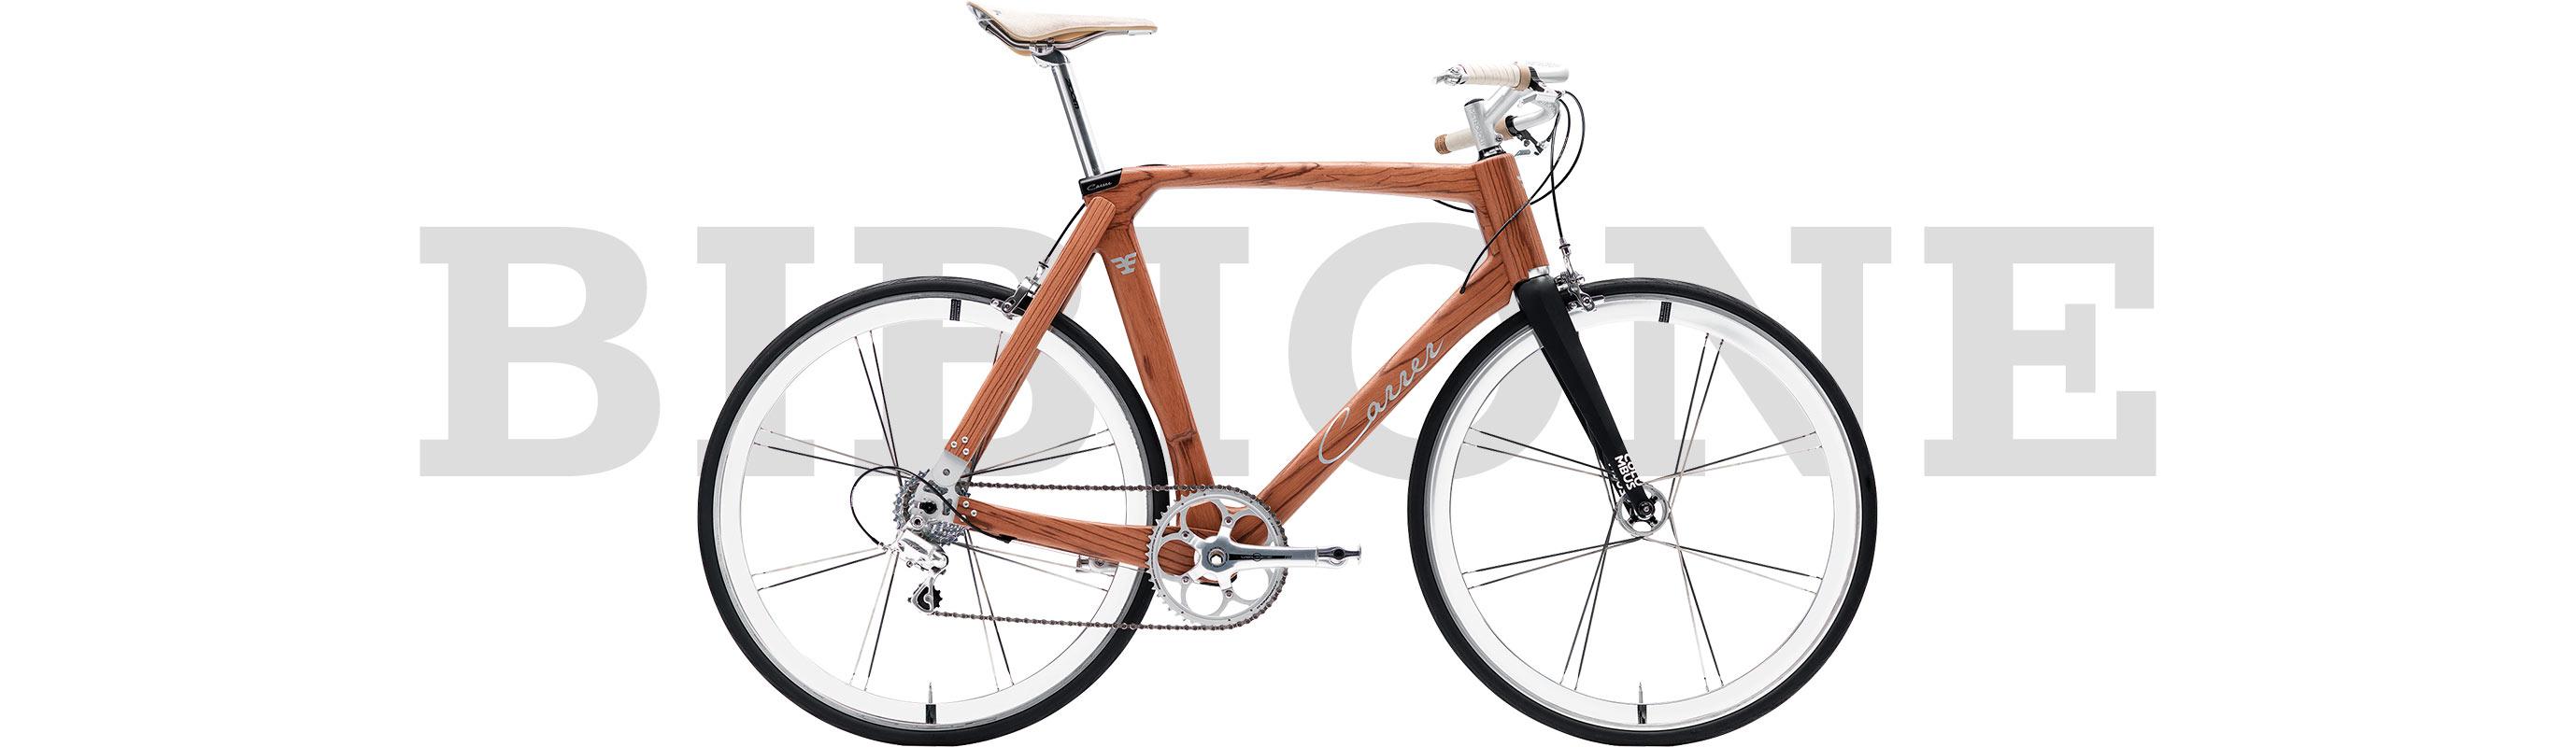 bicicletta Carrer di design modello Bibione